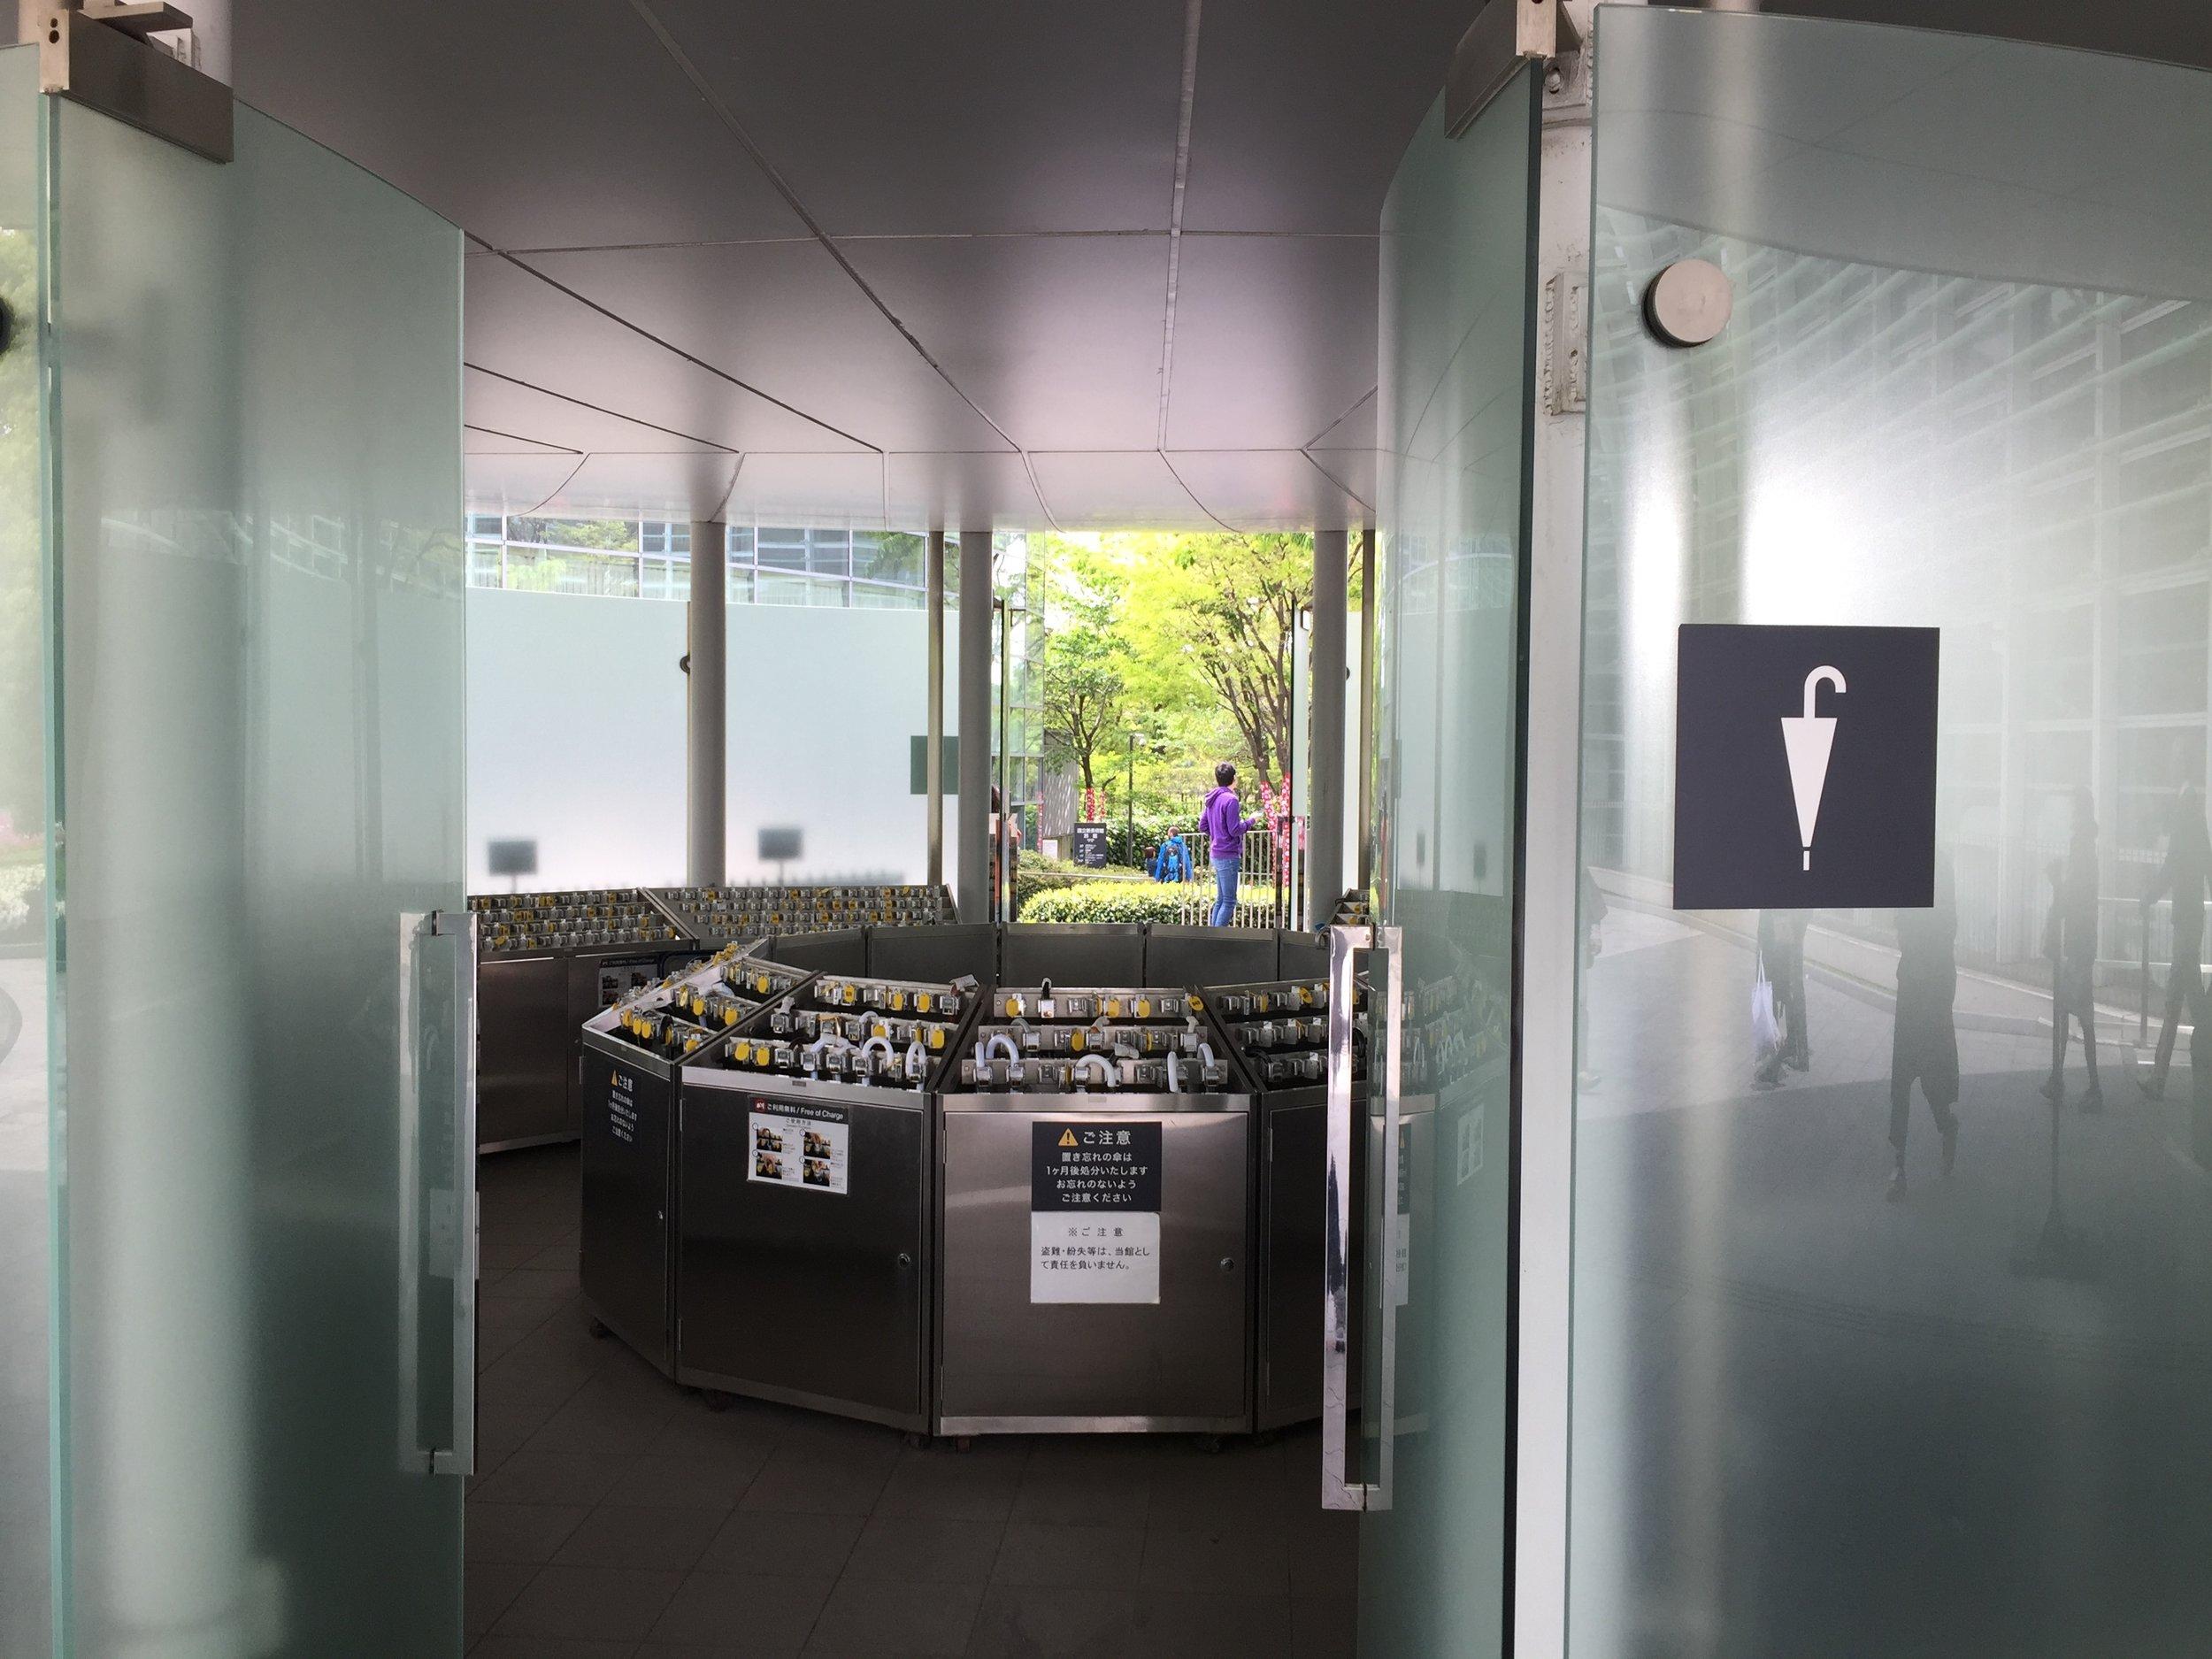 umbrella parking at the museum